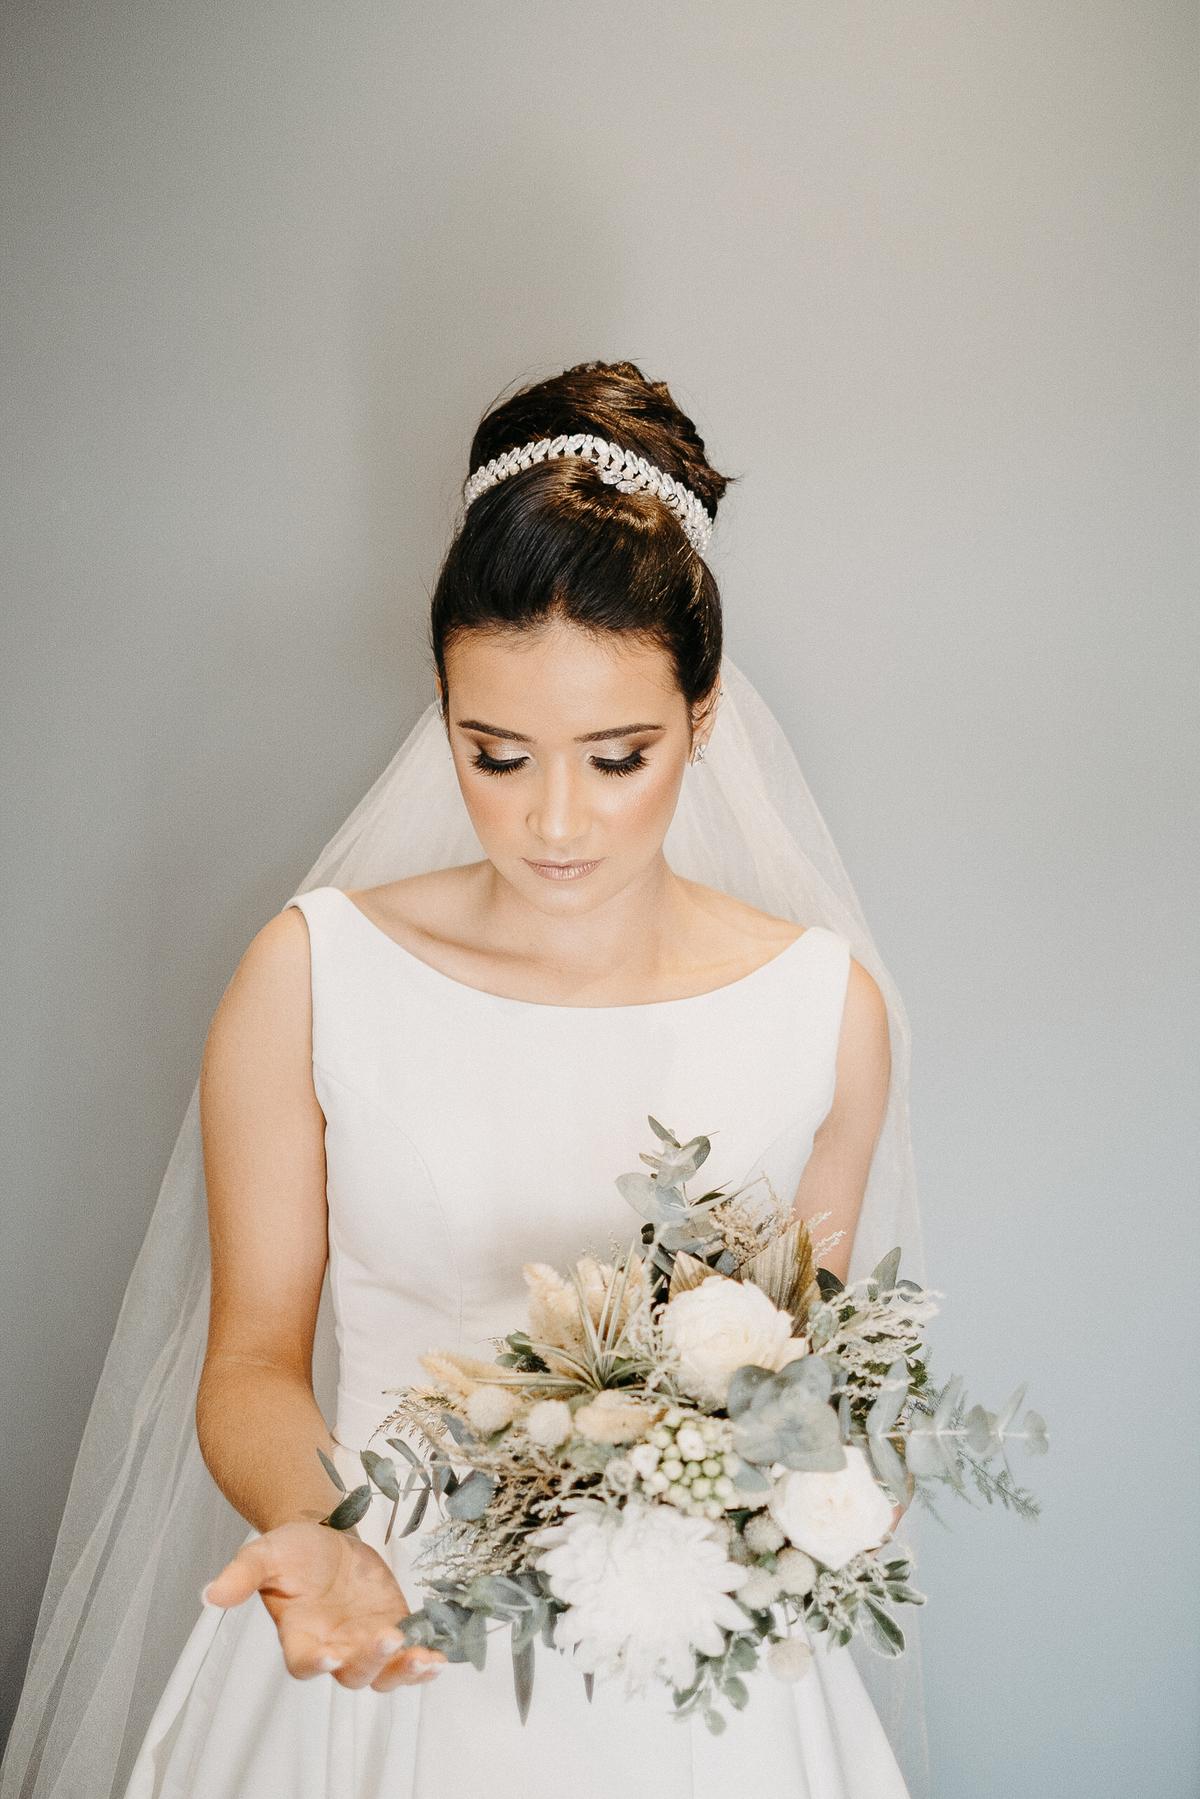 buque de noiva fotografia de casamento cerimonia intimista inspiraçoes de casamento fotografos de casamentos de dia vestido de noiva